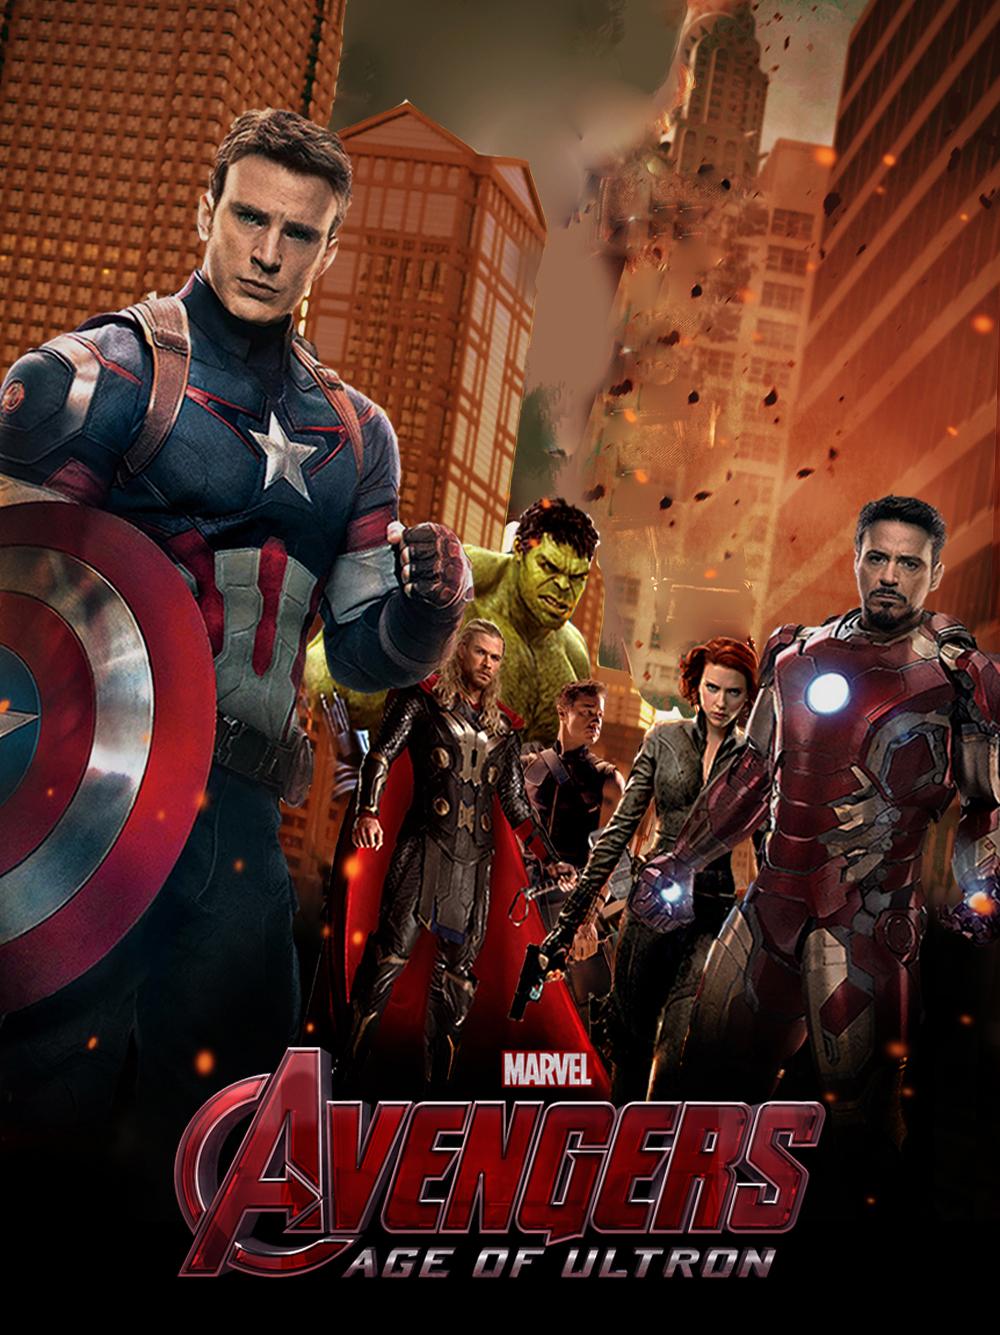 Scarlett Johansson Avengers 2 Poster